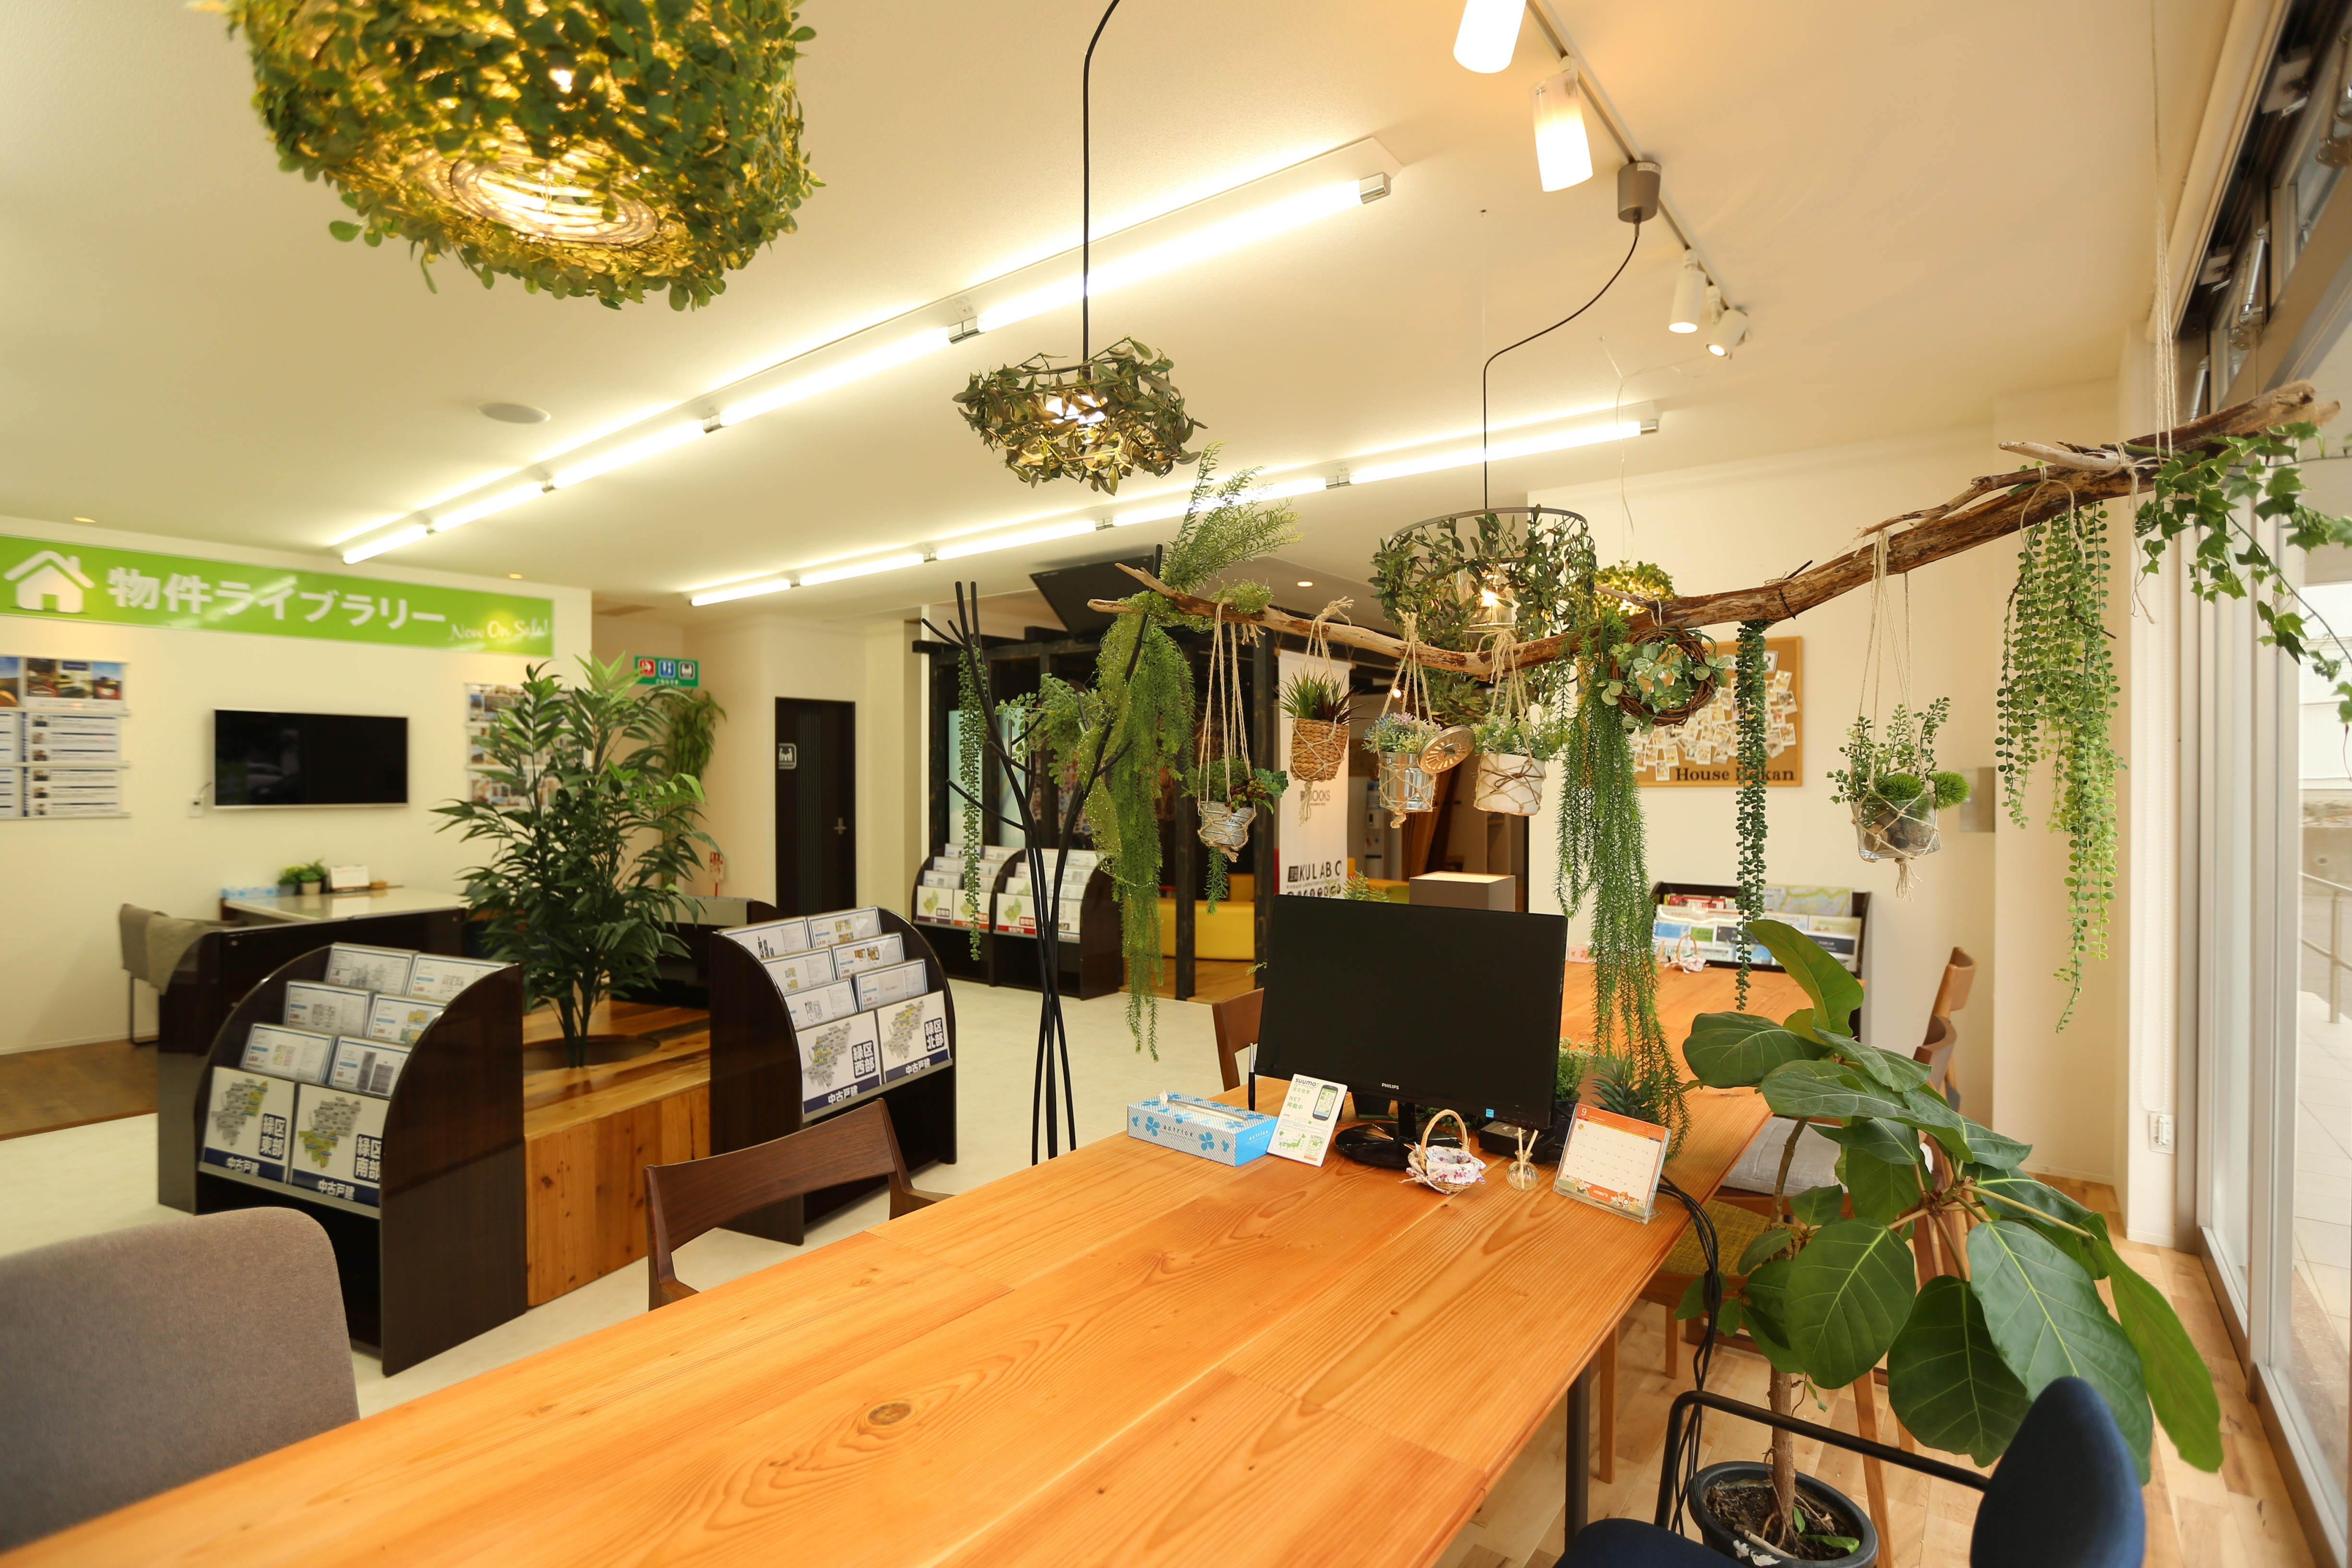 ハウスボカン緑店